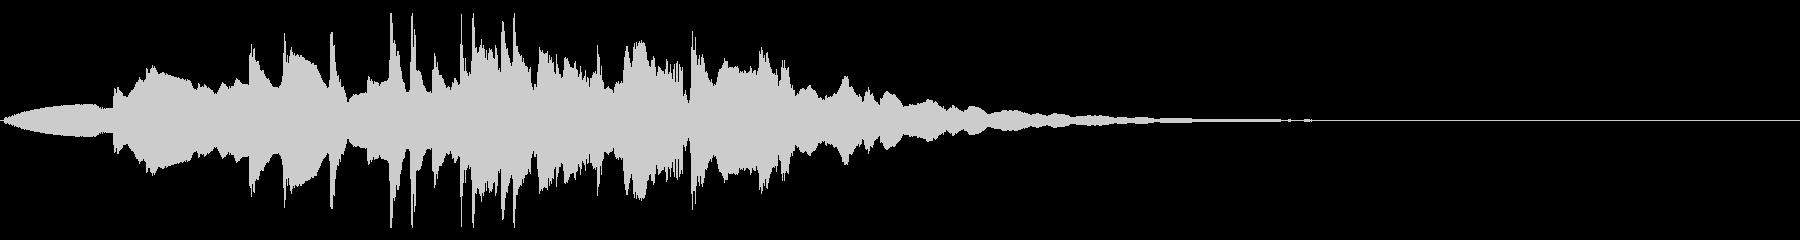 カラコロ転がる不思議なベルの音の未再生の波形